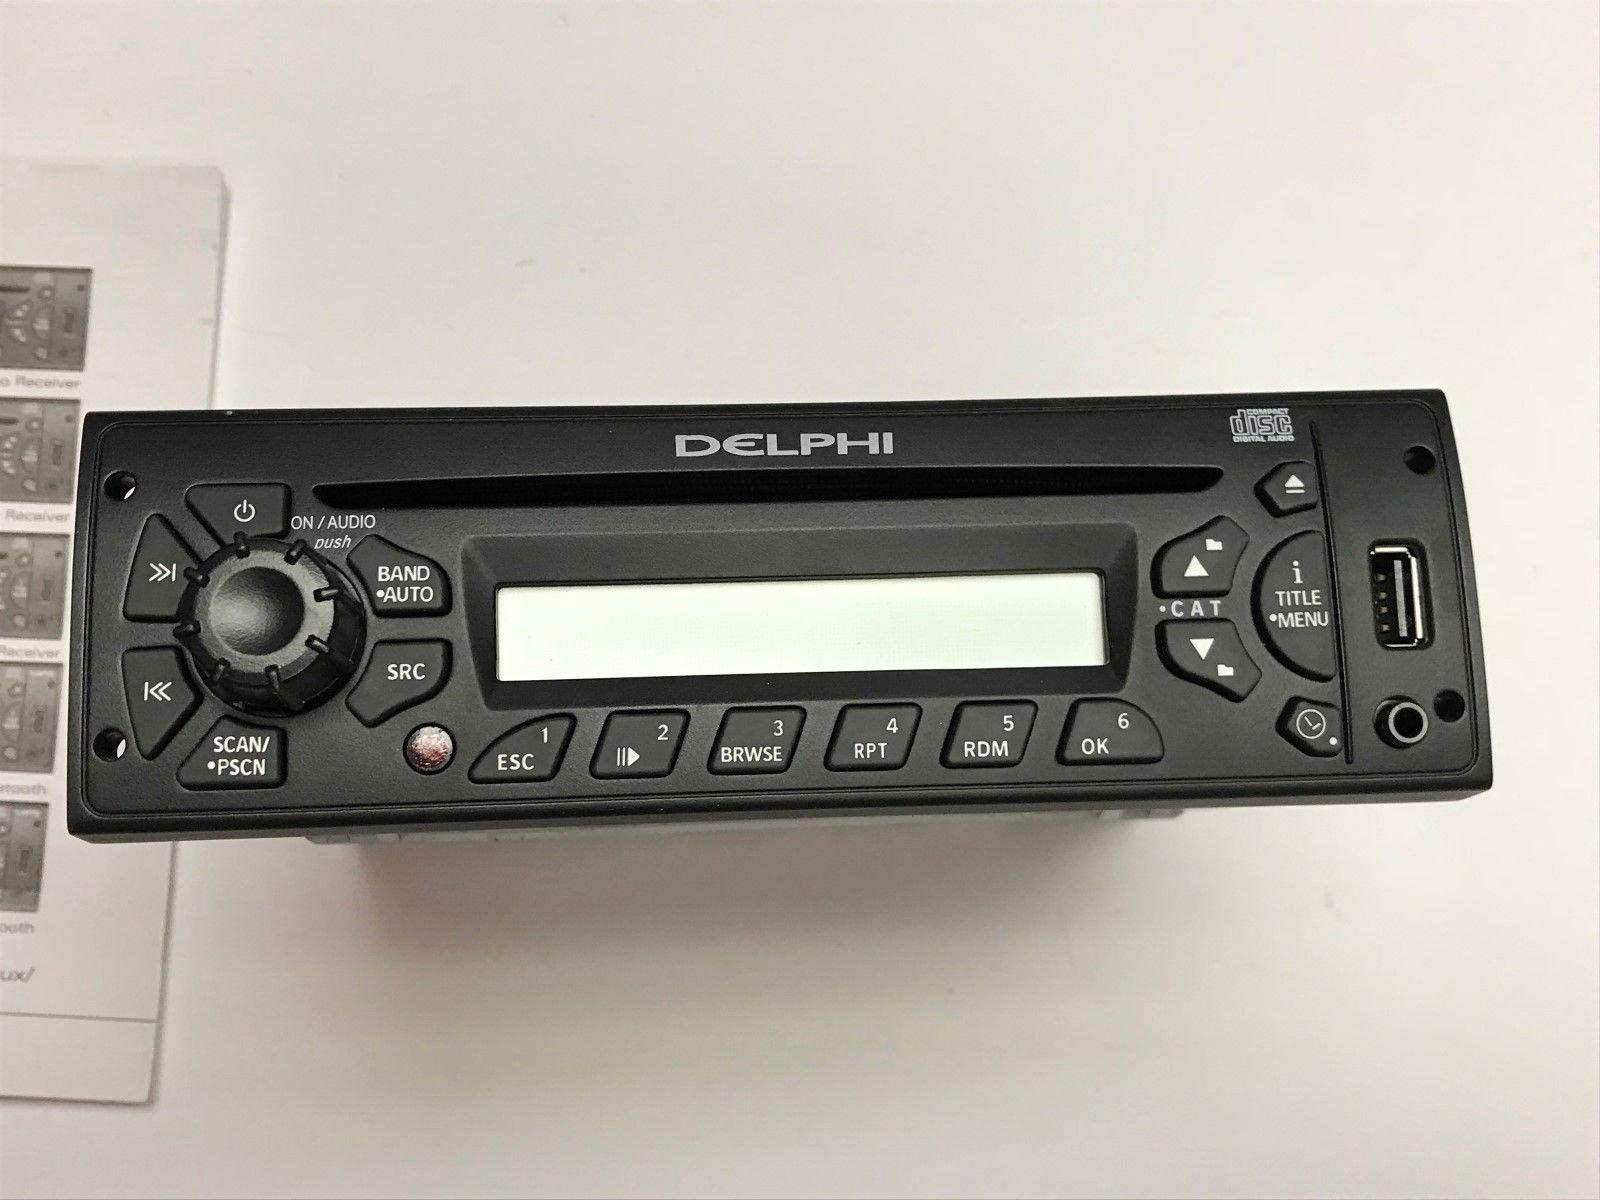 Delphi Stereo, CD/MP3/USB